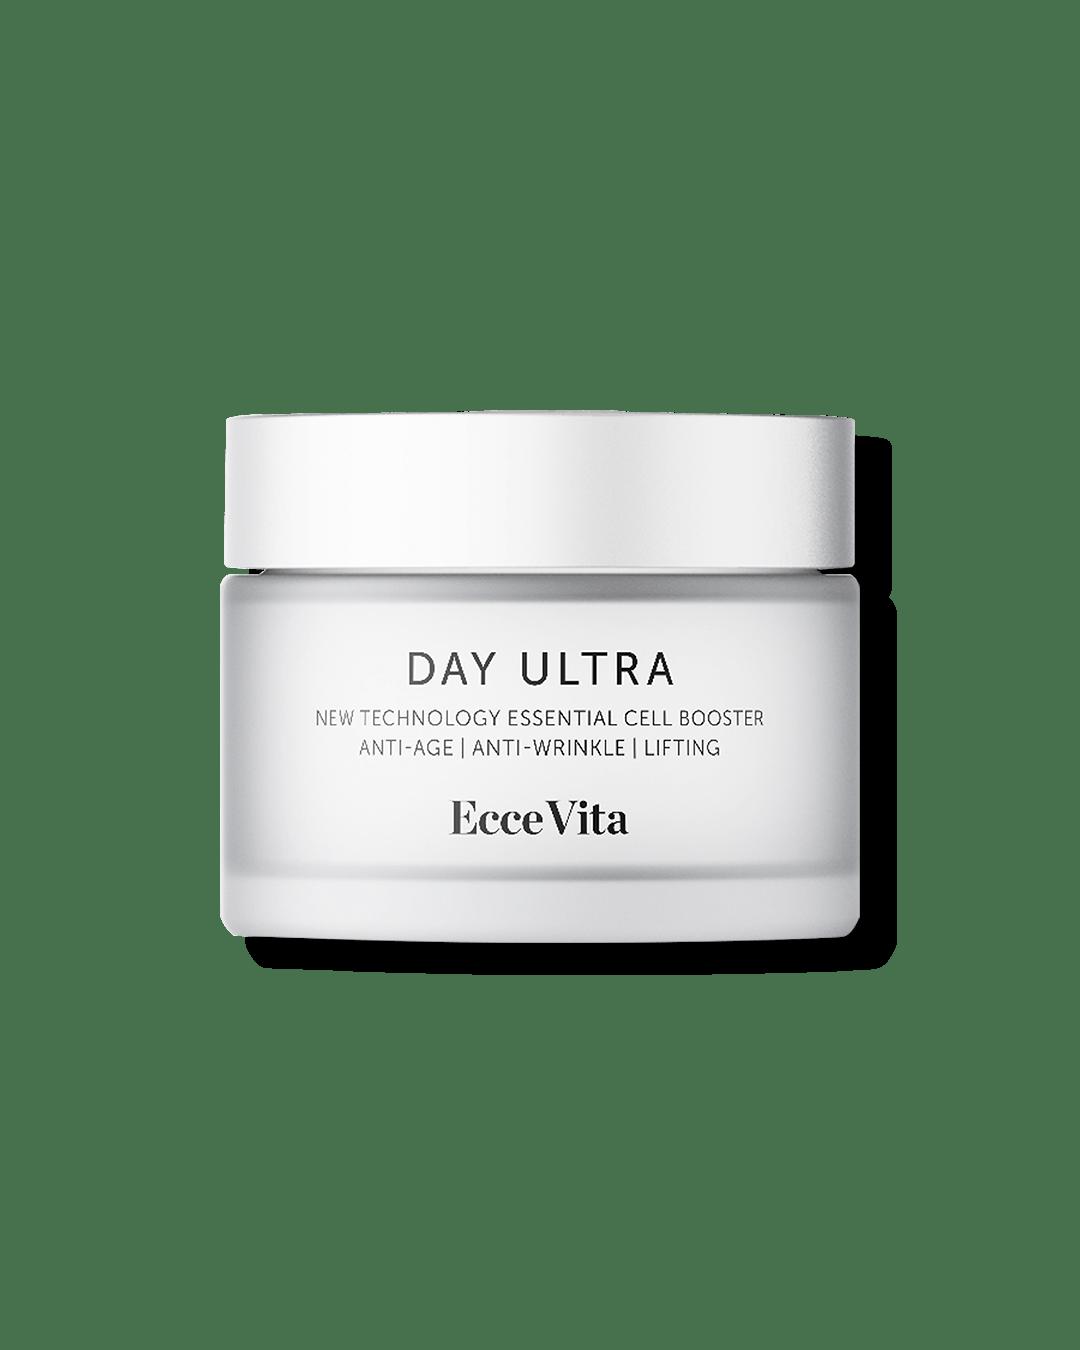 DayUltra Cream